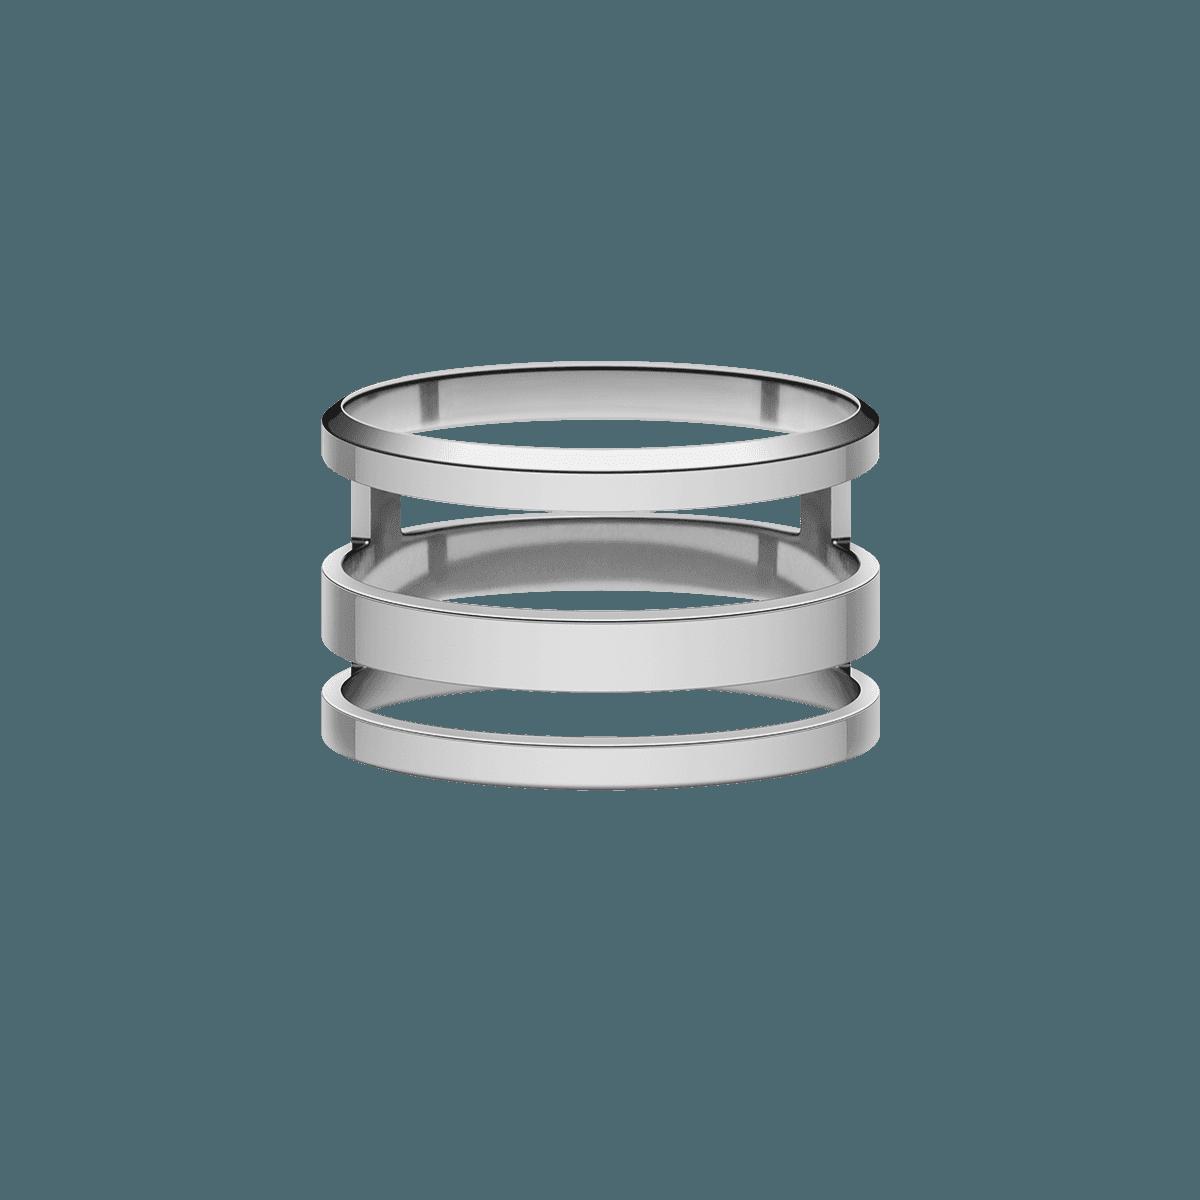 Elan Triad Ring Silver 56